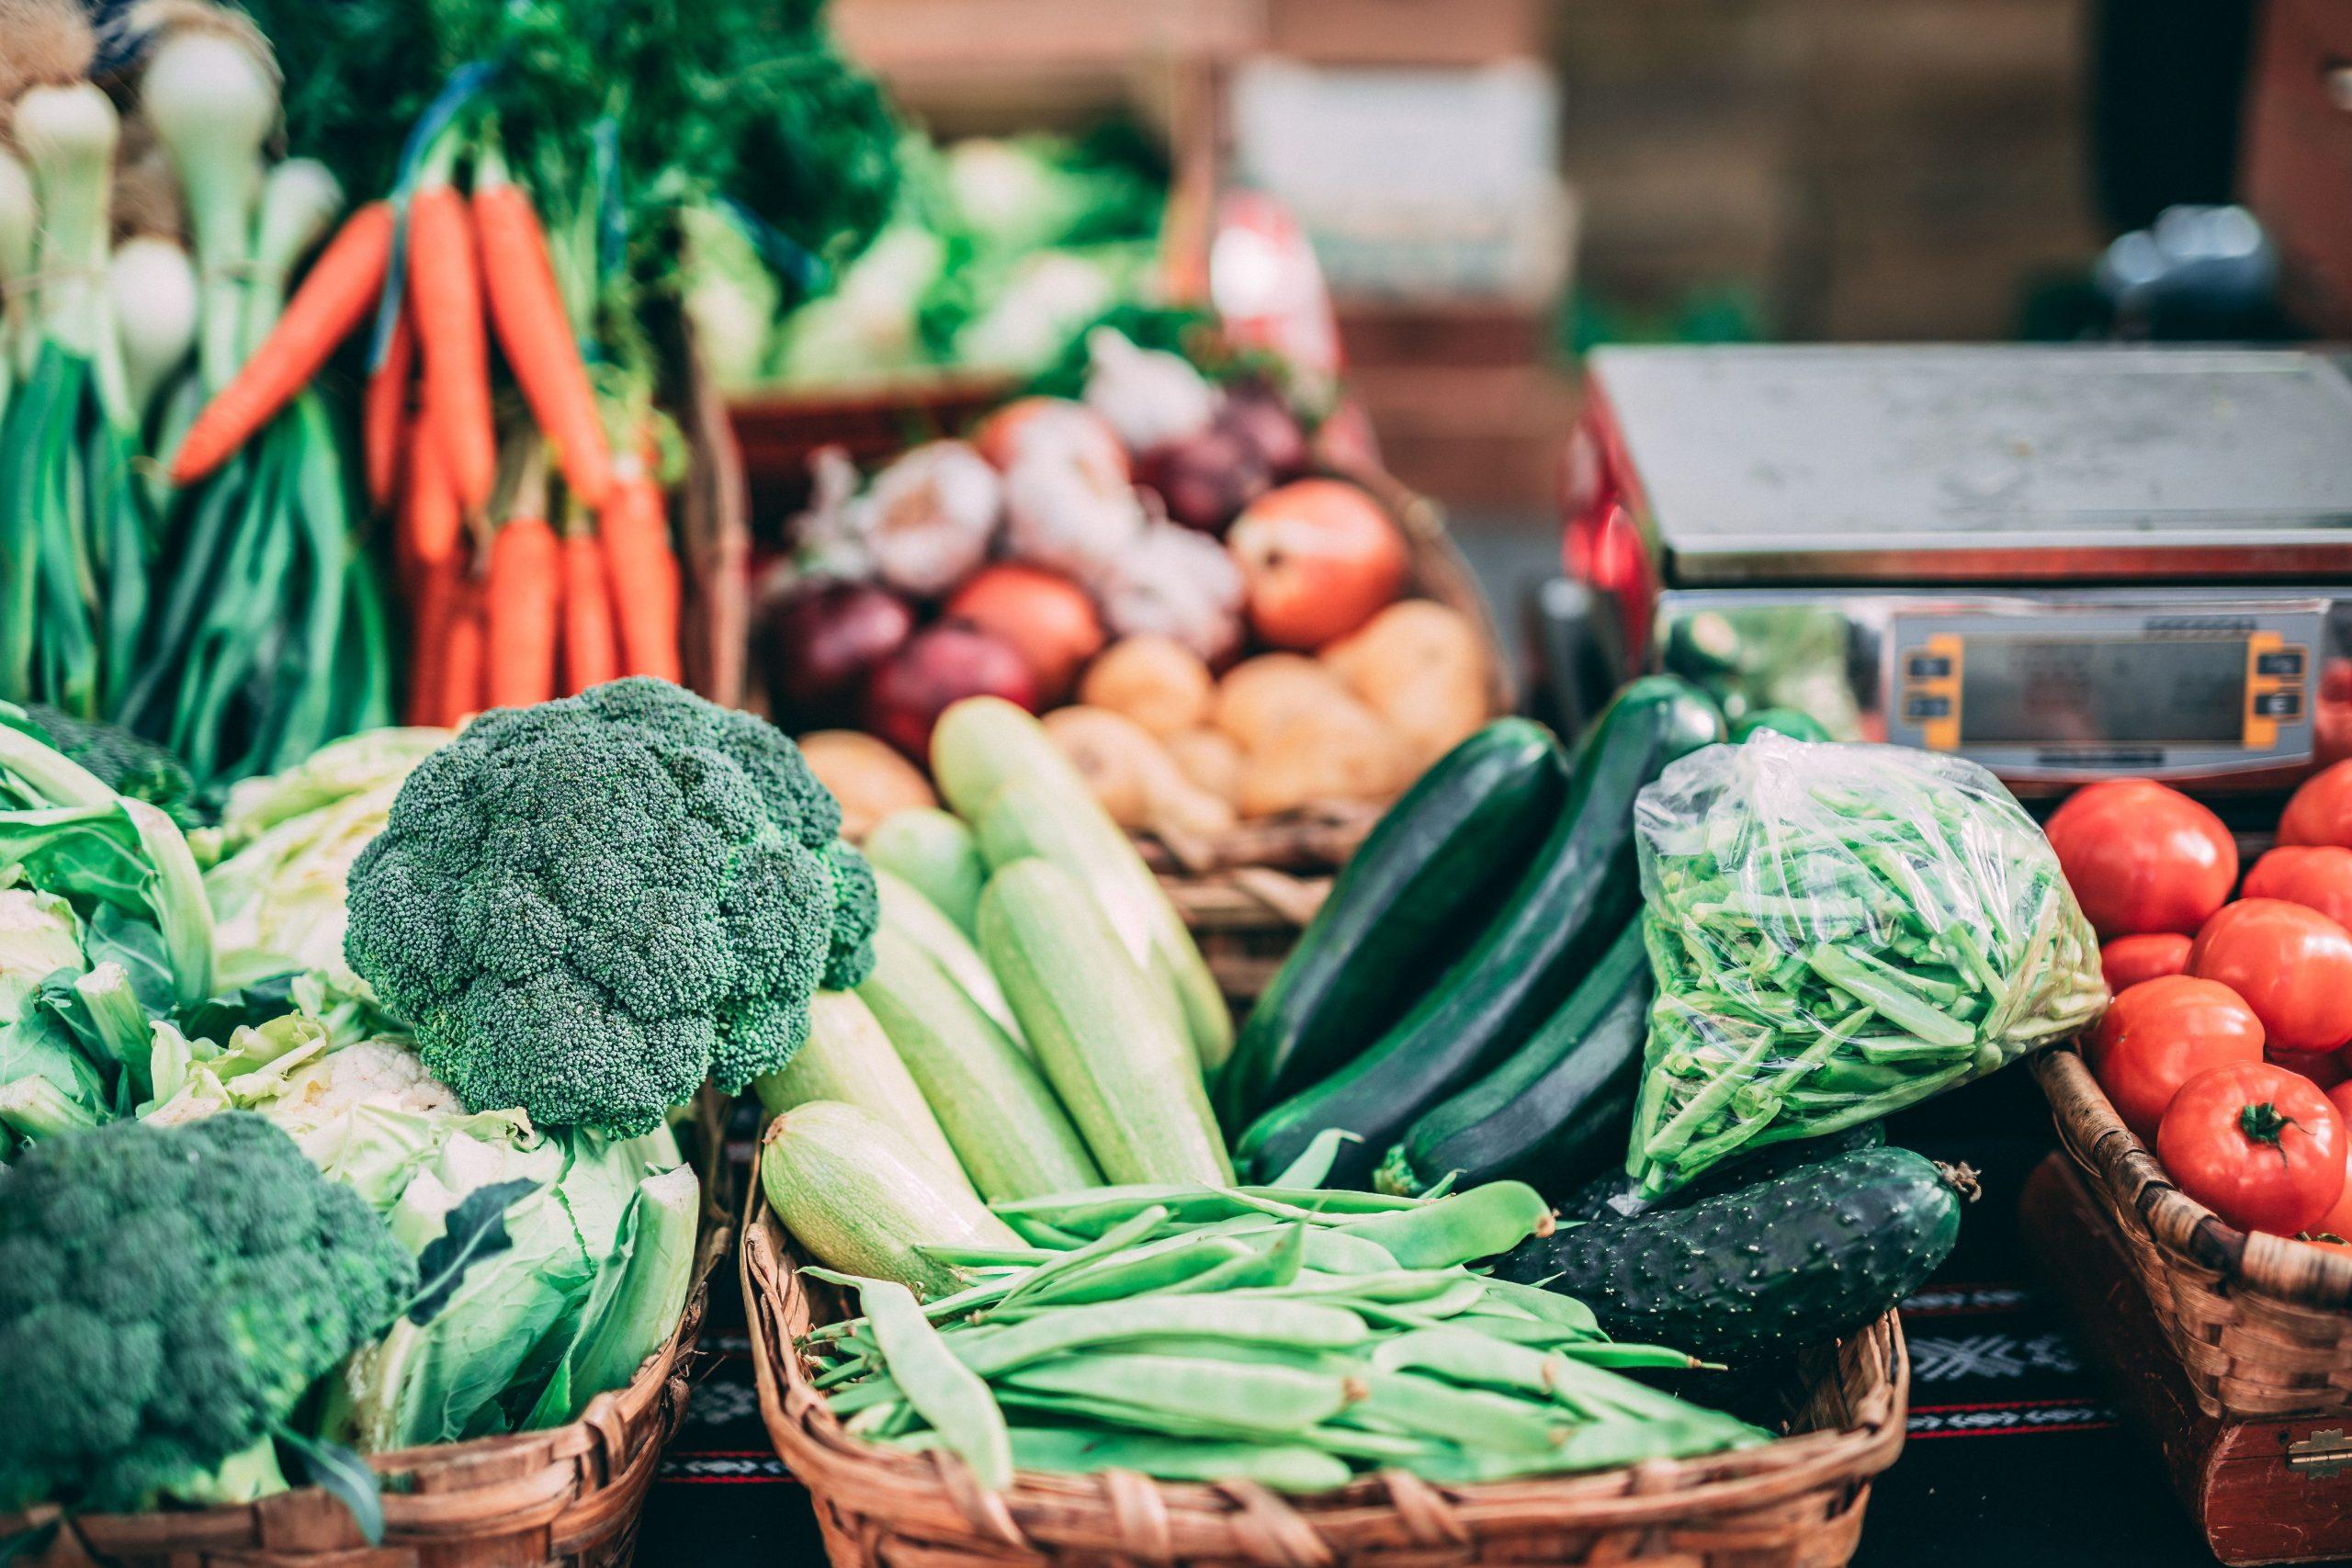 Broccoli, Zucchini, Karotten, Zwiebel in Körben, regional und im Hintergrund unscharf